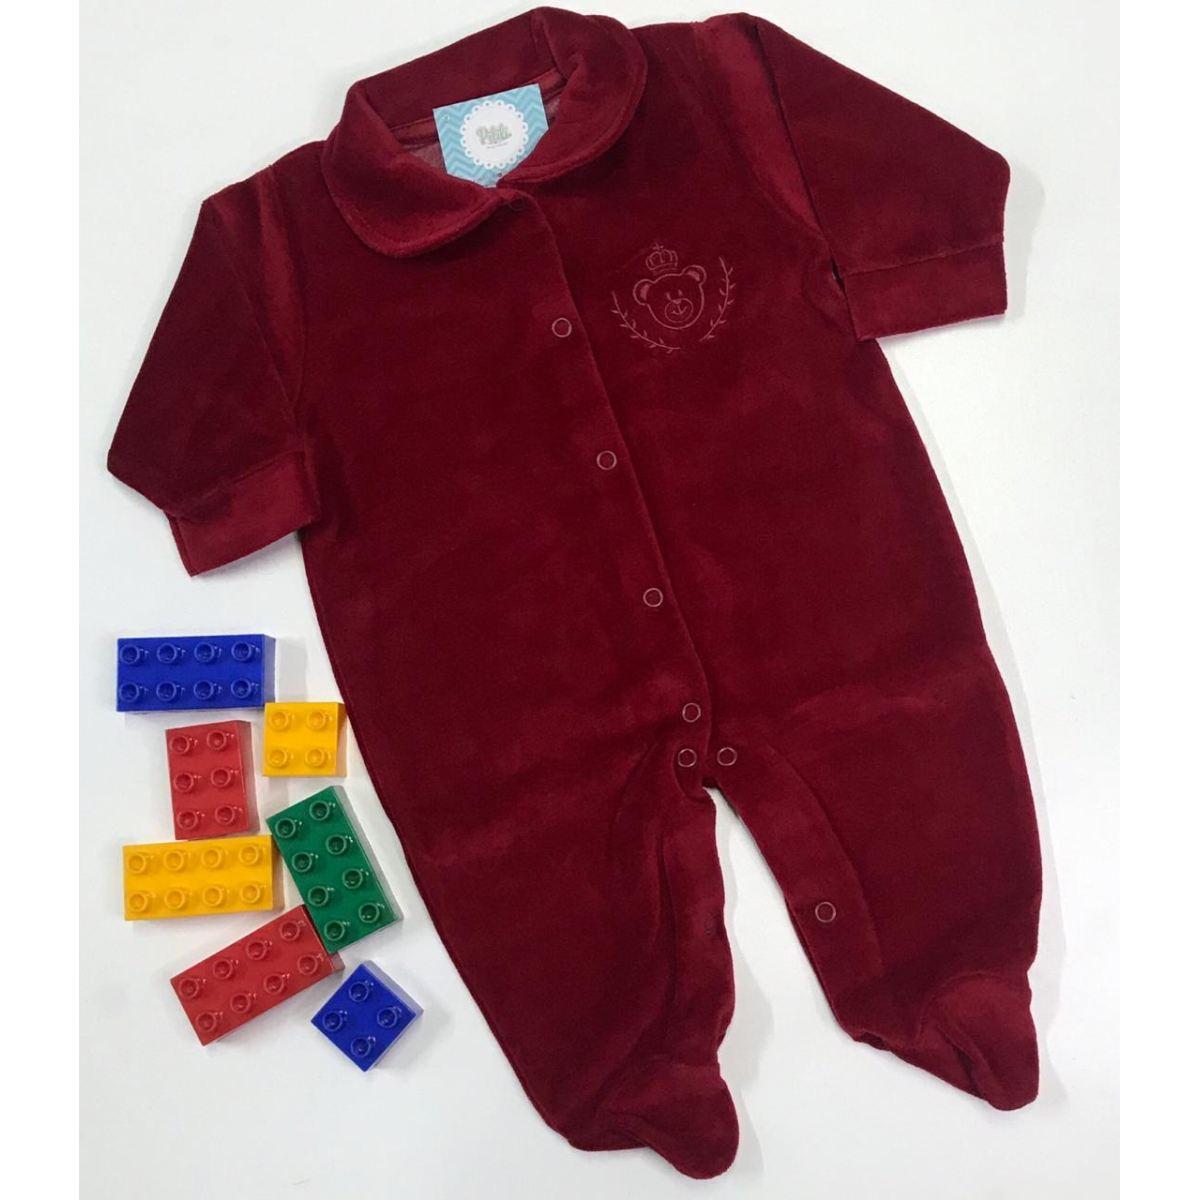 Macacão Bebê Odicon em Plush na cor Vermelho